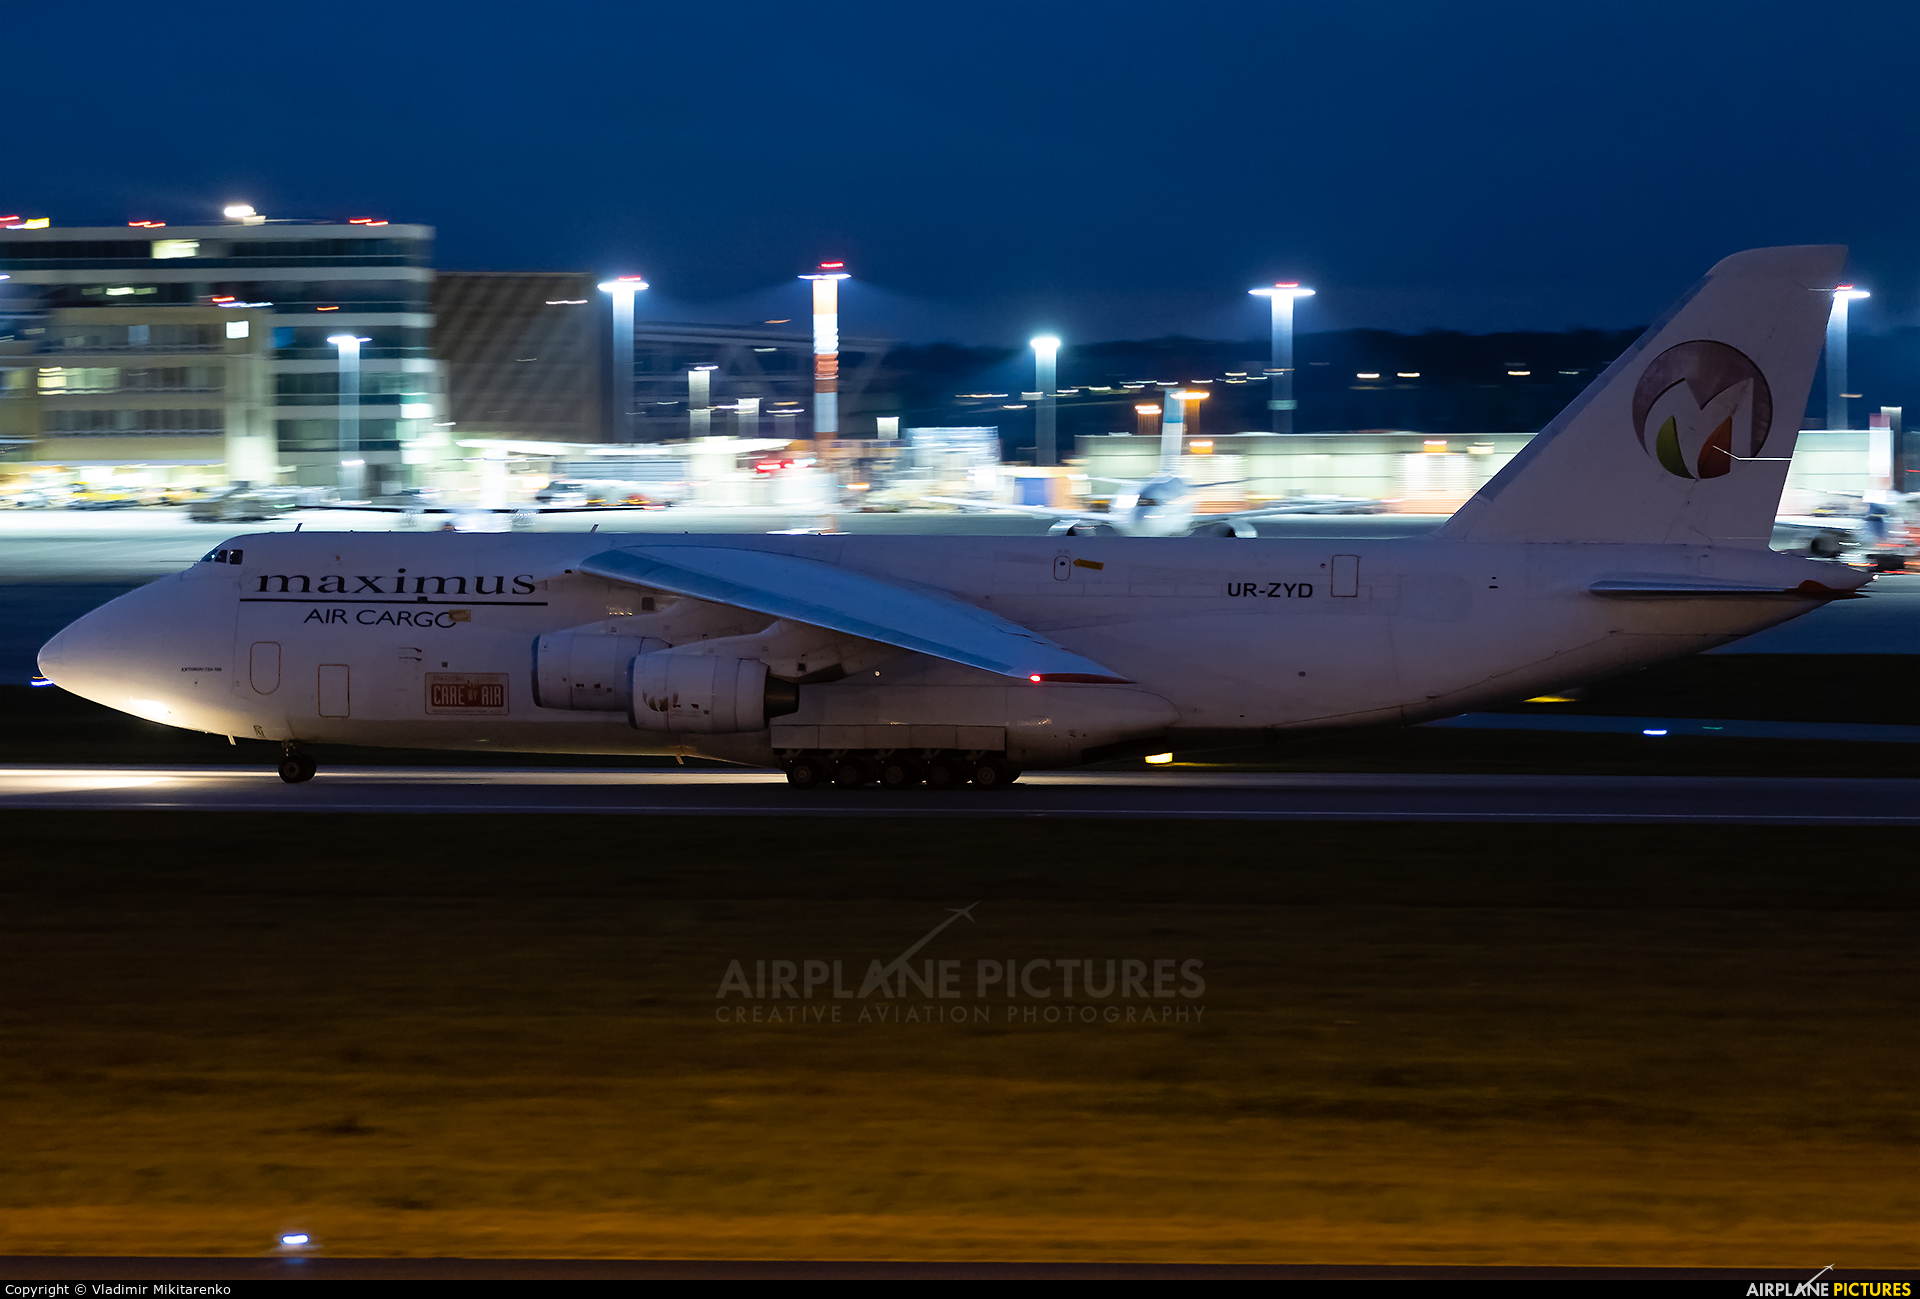 Maximus Air Cargo UR-ZYD aircraft at Stuttgart